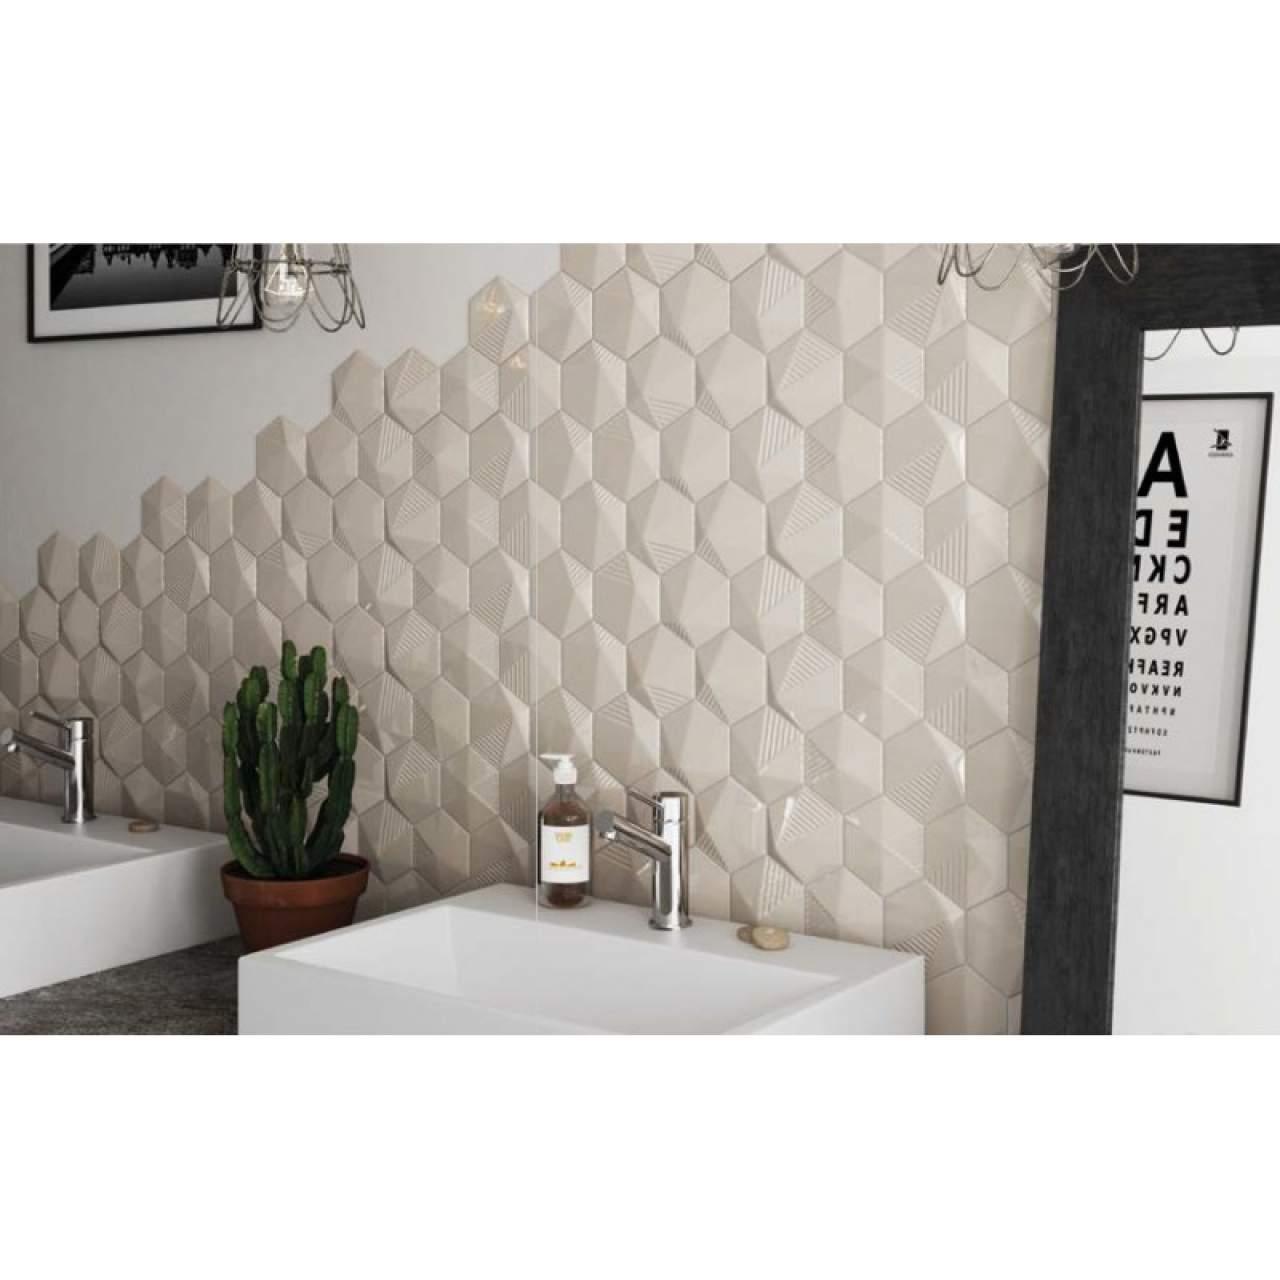 Baño de los famosos: Consigue un baño de revista eligiendo los mejores azulejos